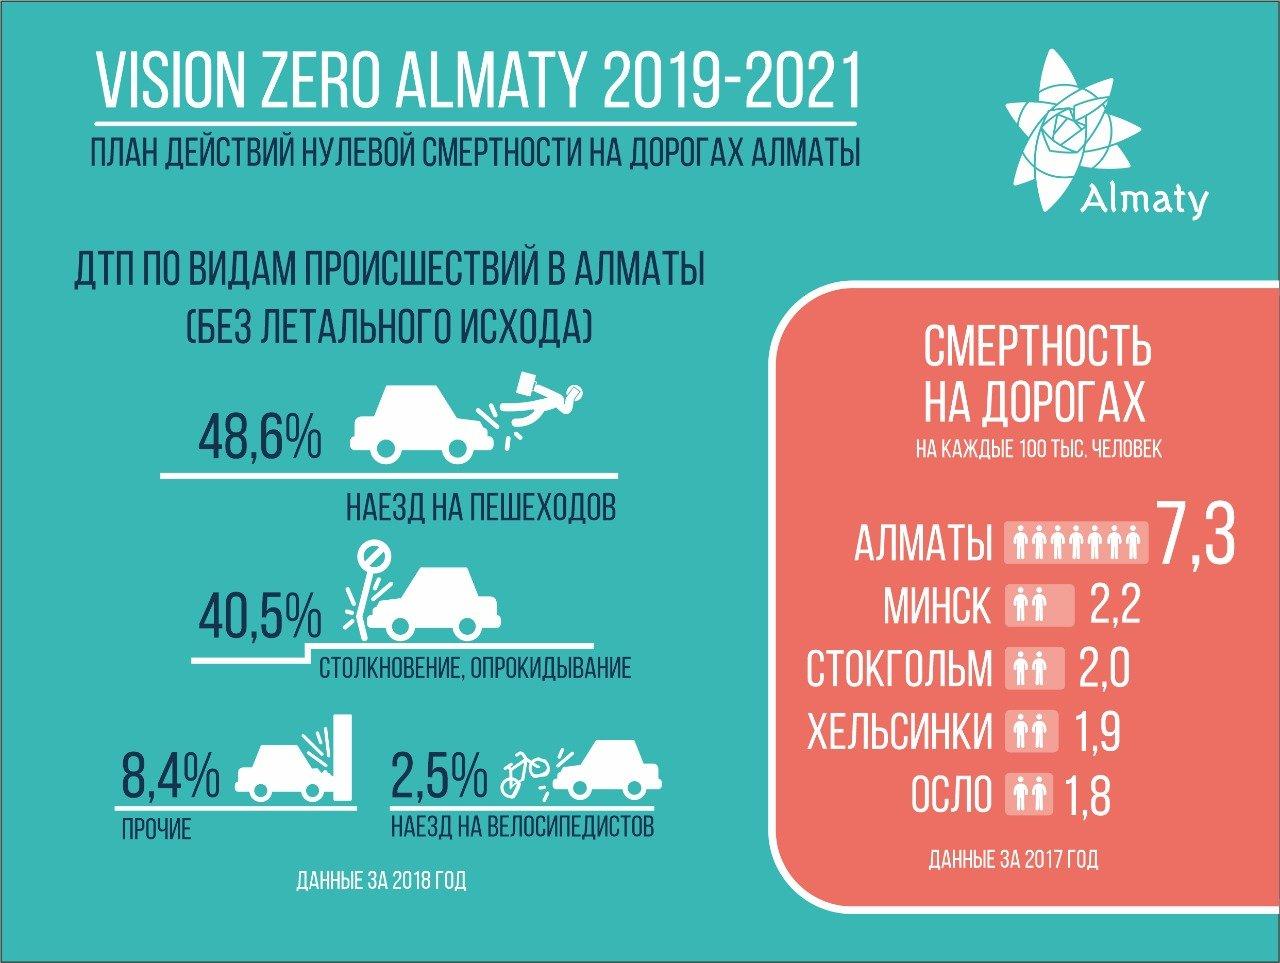 План нулевой смертности на дорогах вводят в Алматы, фото-4